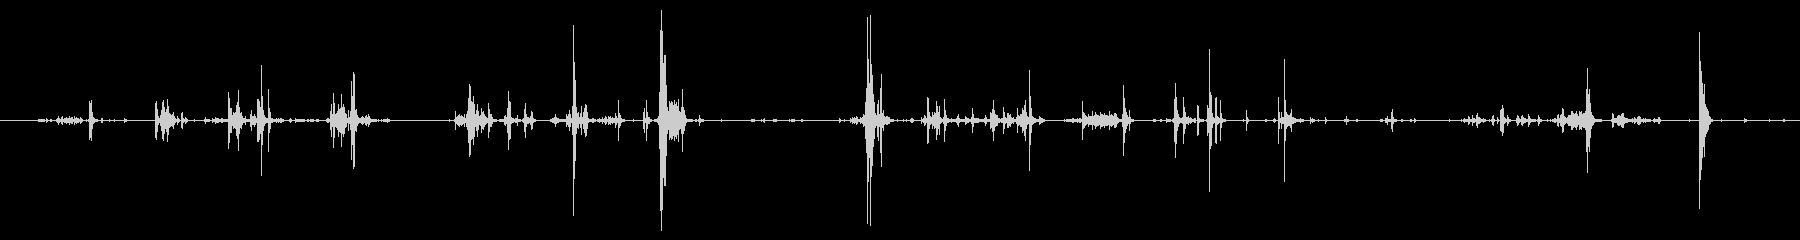 お金 コインビッグクラッターロング05の未再生の波形